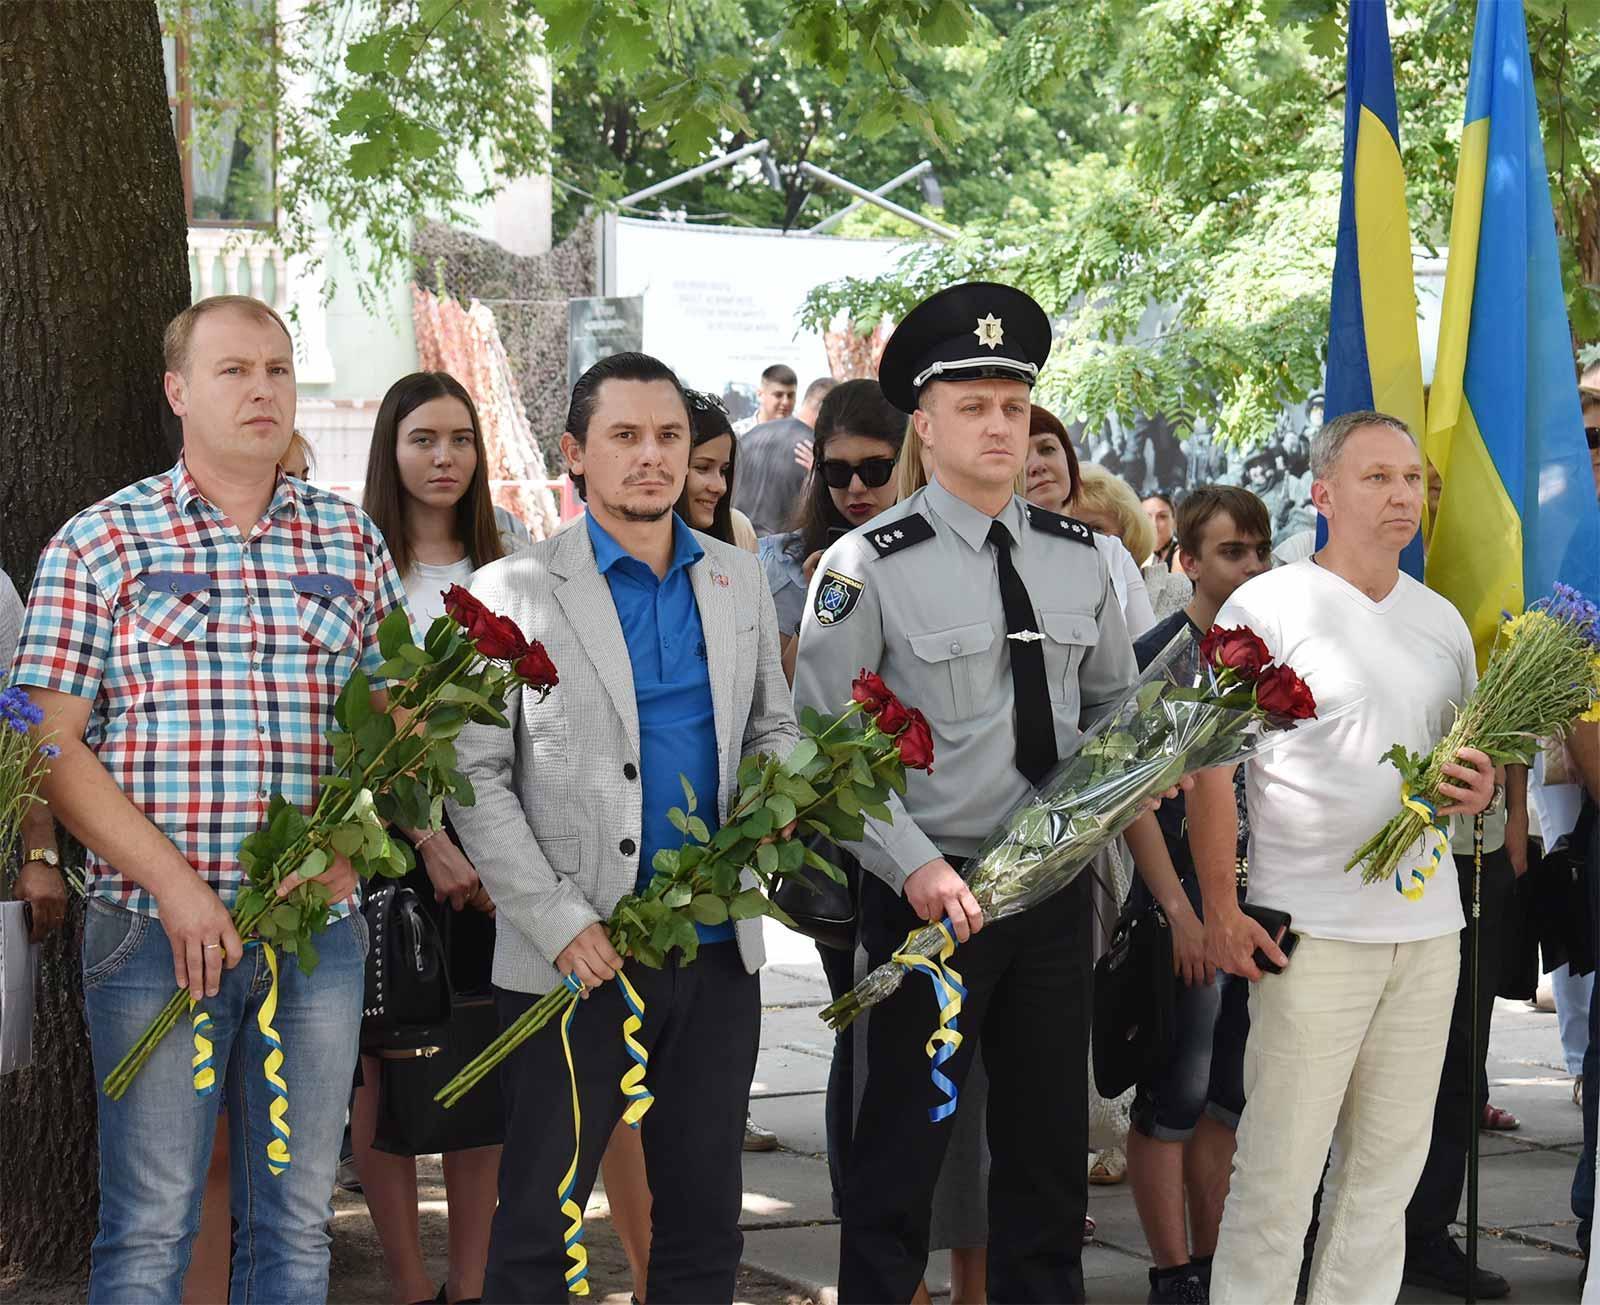 З нагоди Дня Конституції України поклали квіти до пам'ятника Дмитру Яворницькому